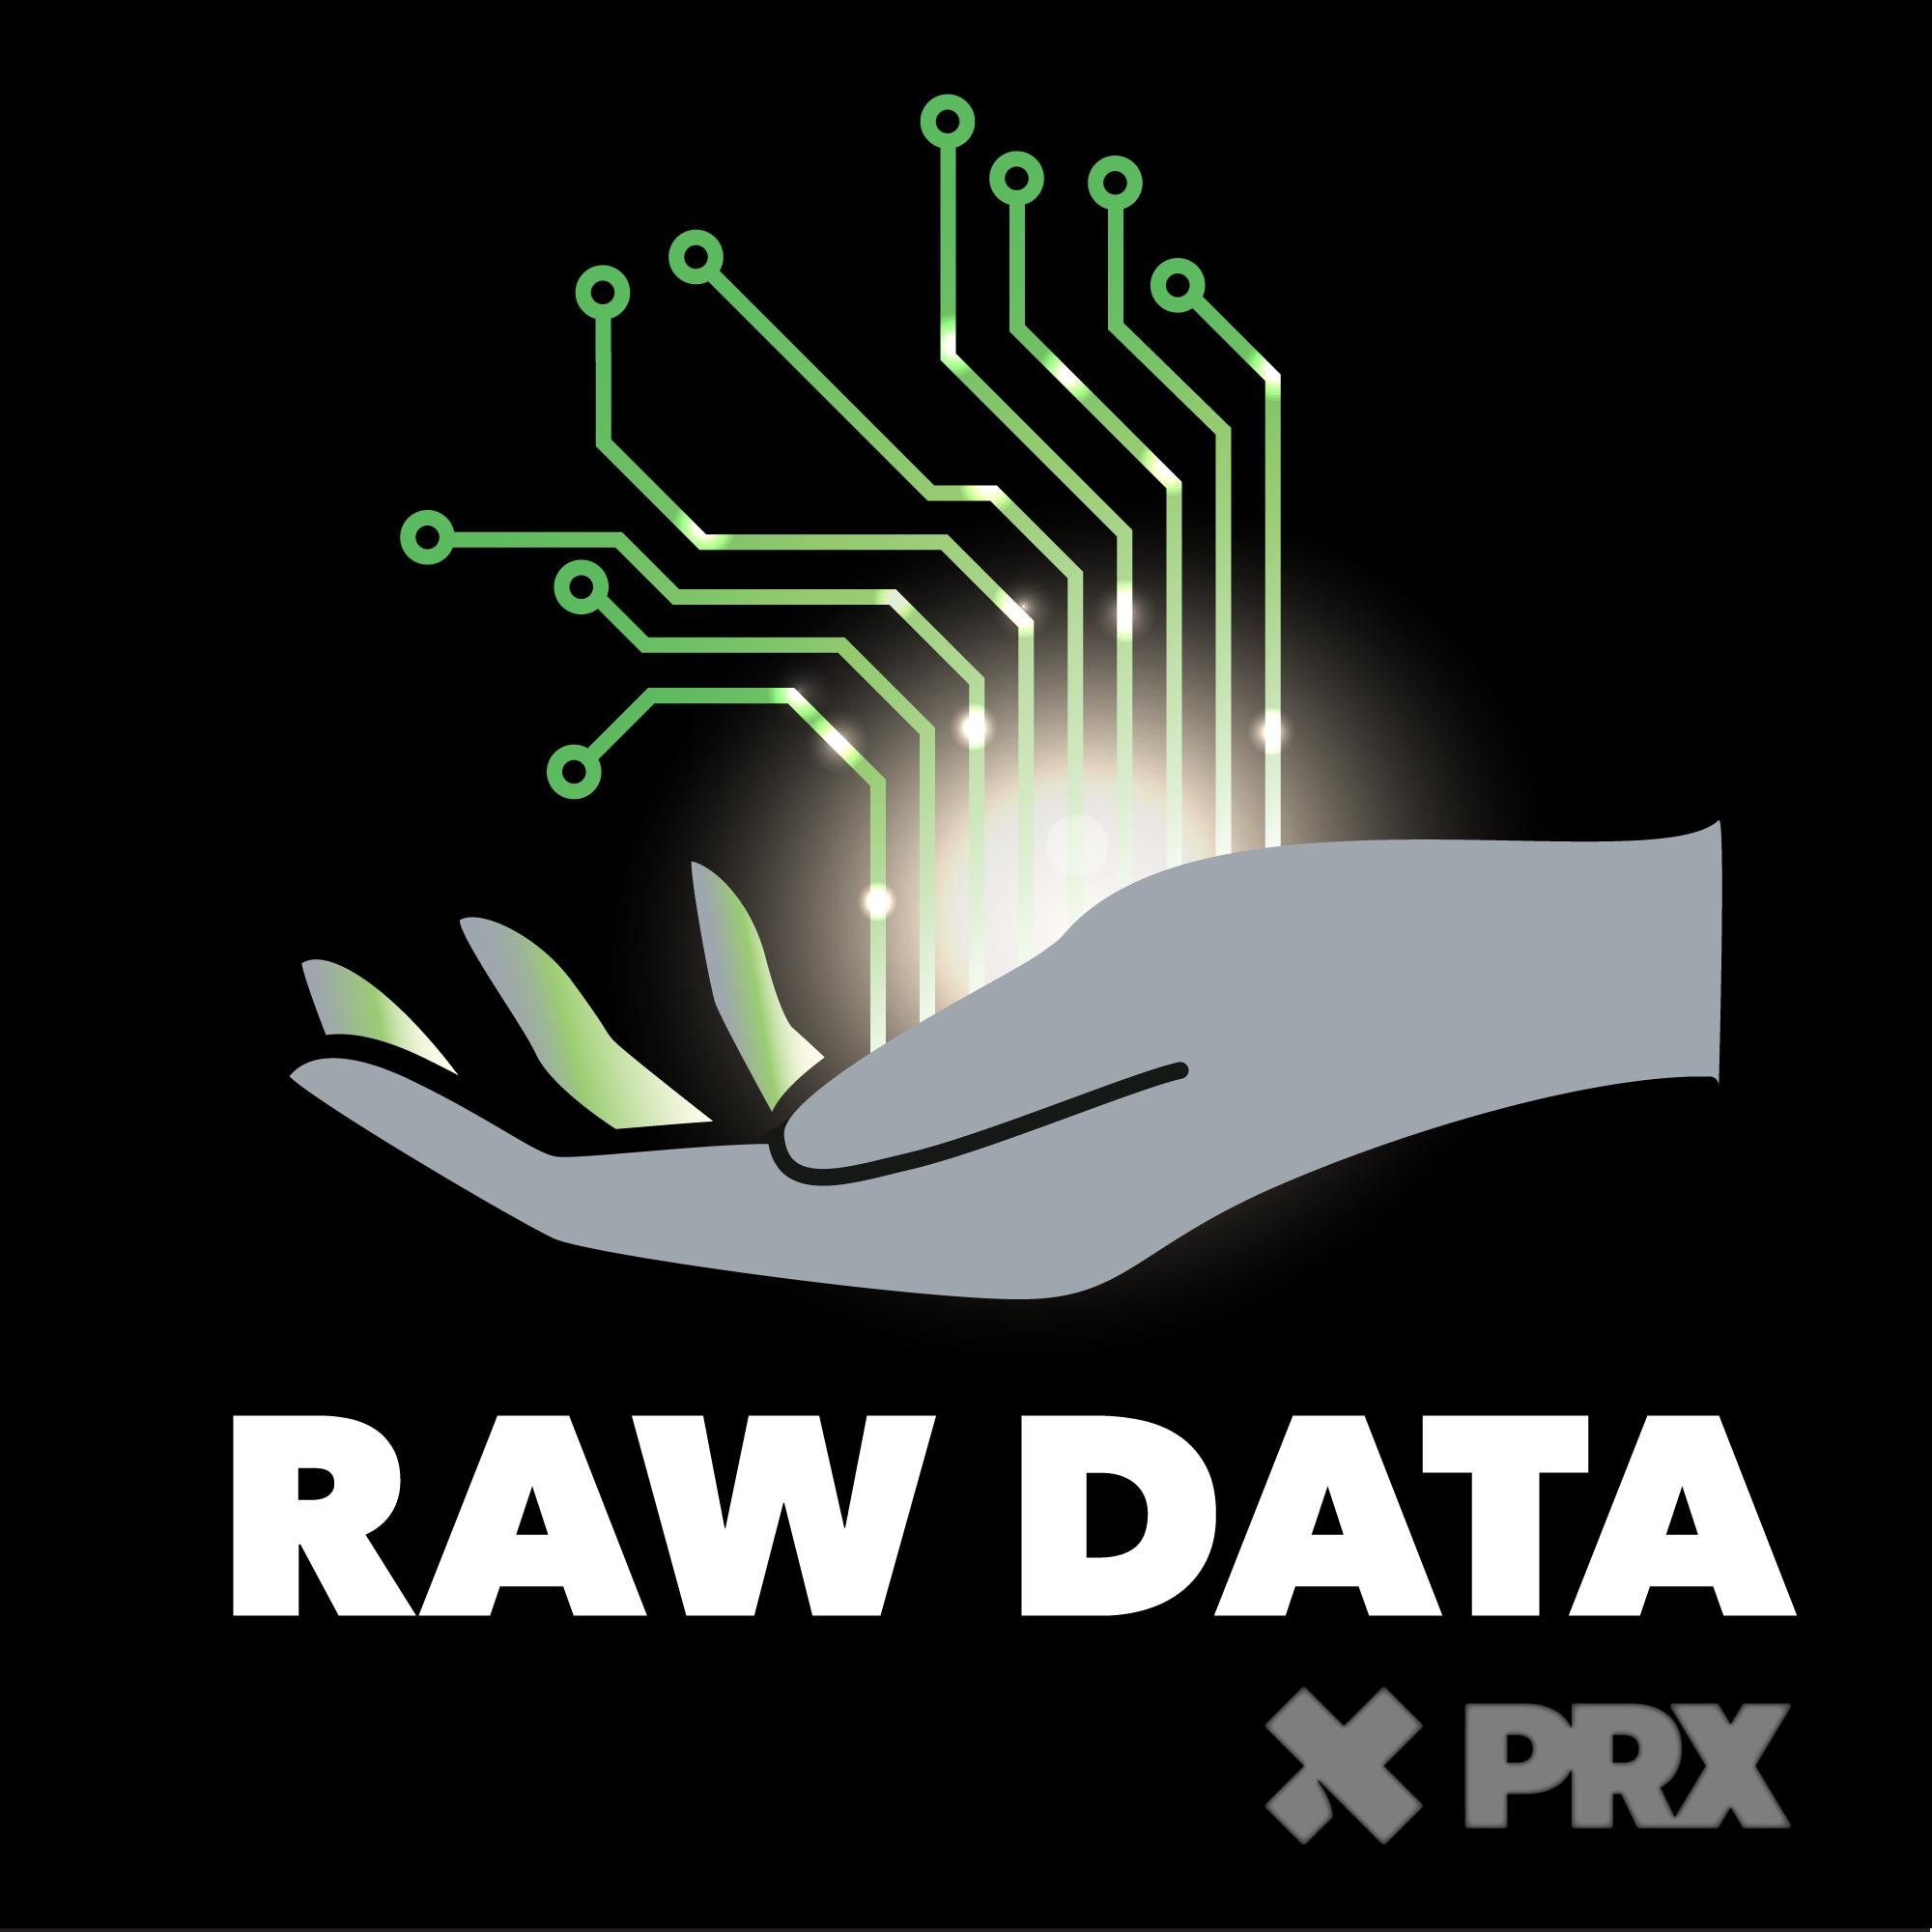 Meet Raw Data